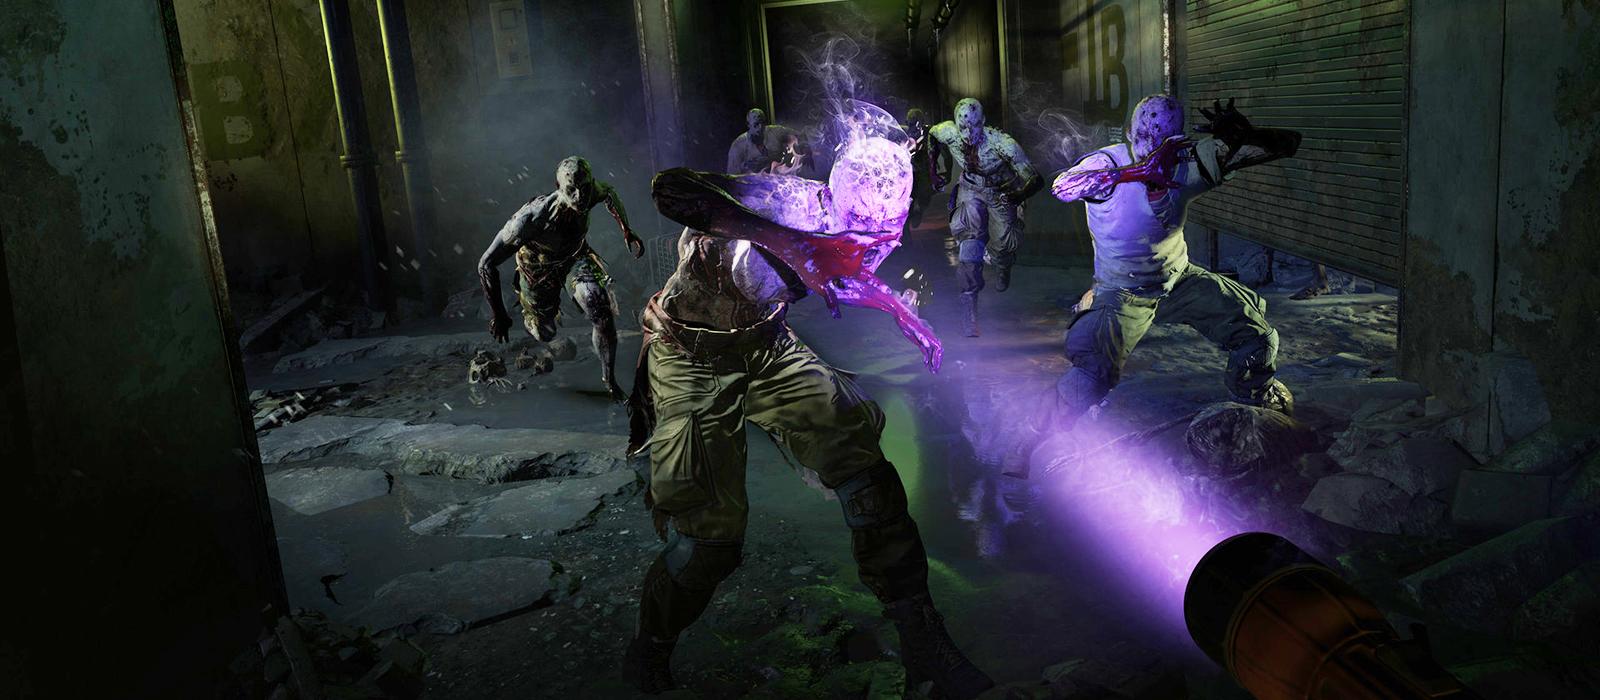 Steams am meisten erwartetes Spiel Dying Light 2 wird dieses Jahr nicht veröffentlicht – Erscheinungsdatum wurde verschoben